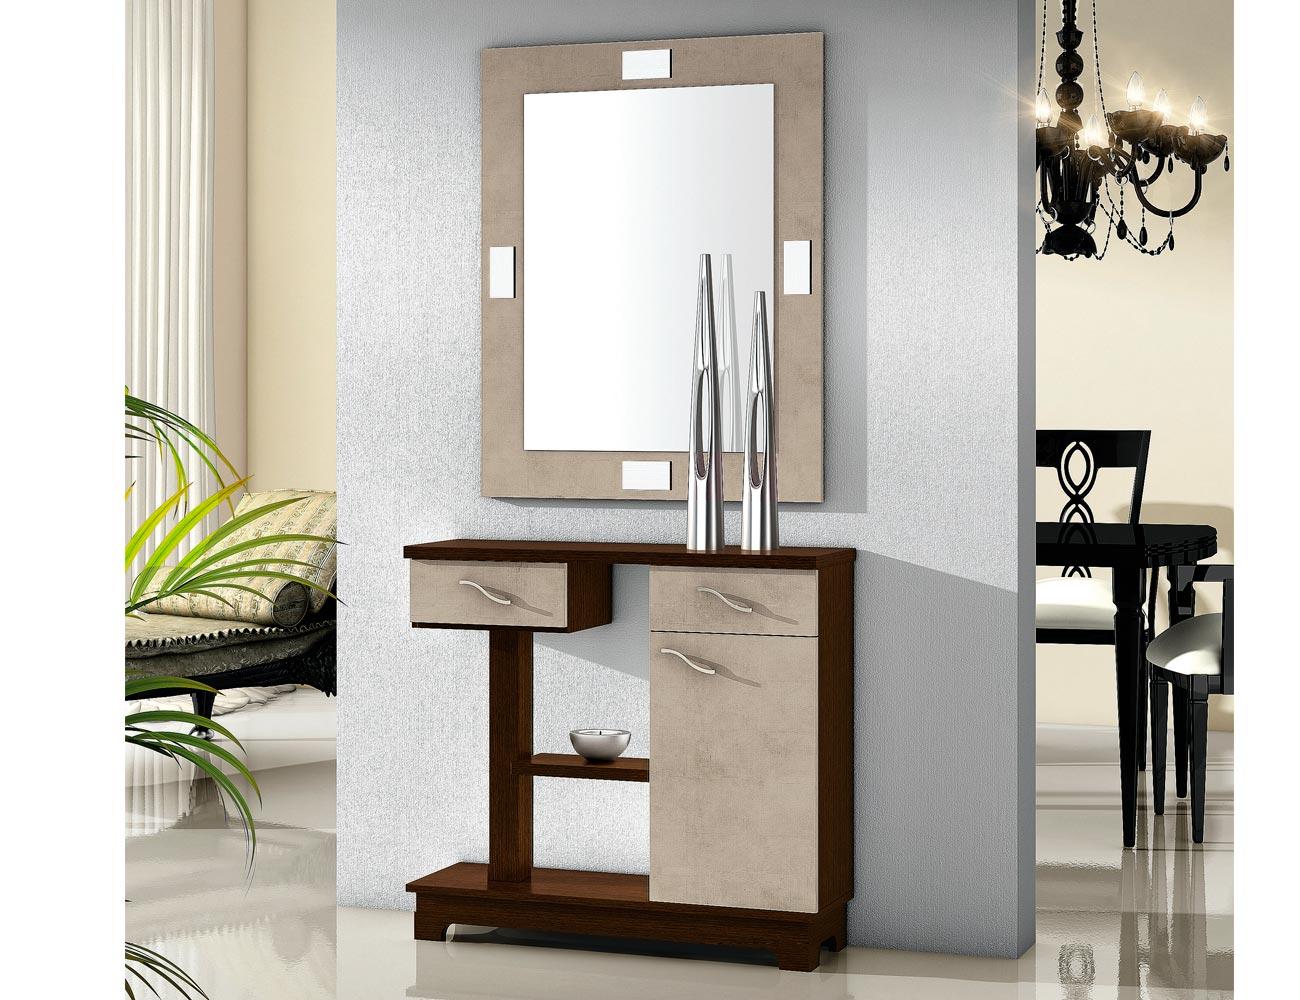 Mueble recibidor con espejo wengue ceniza 66